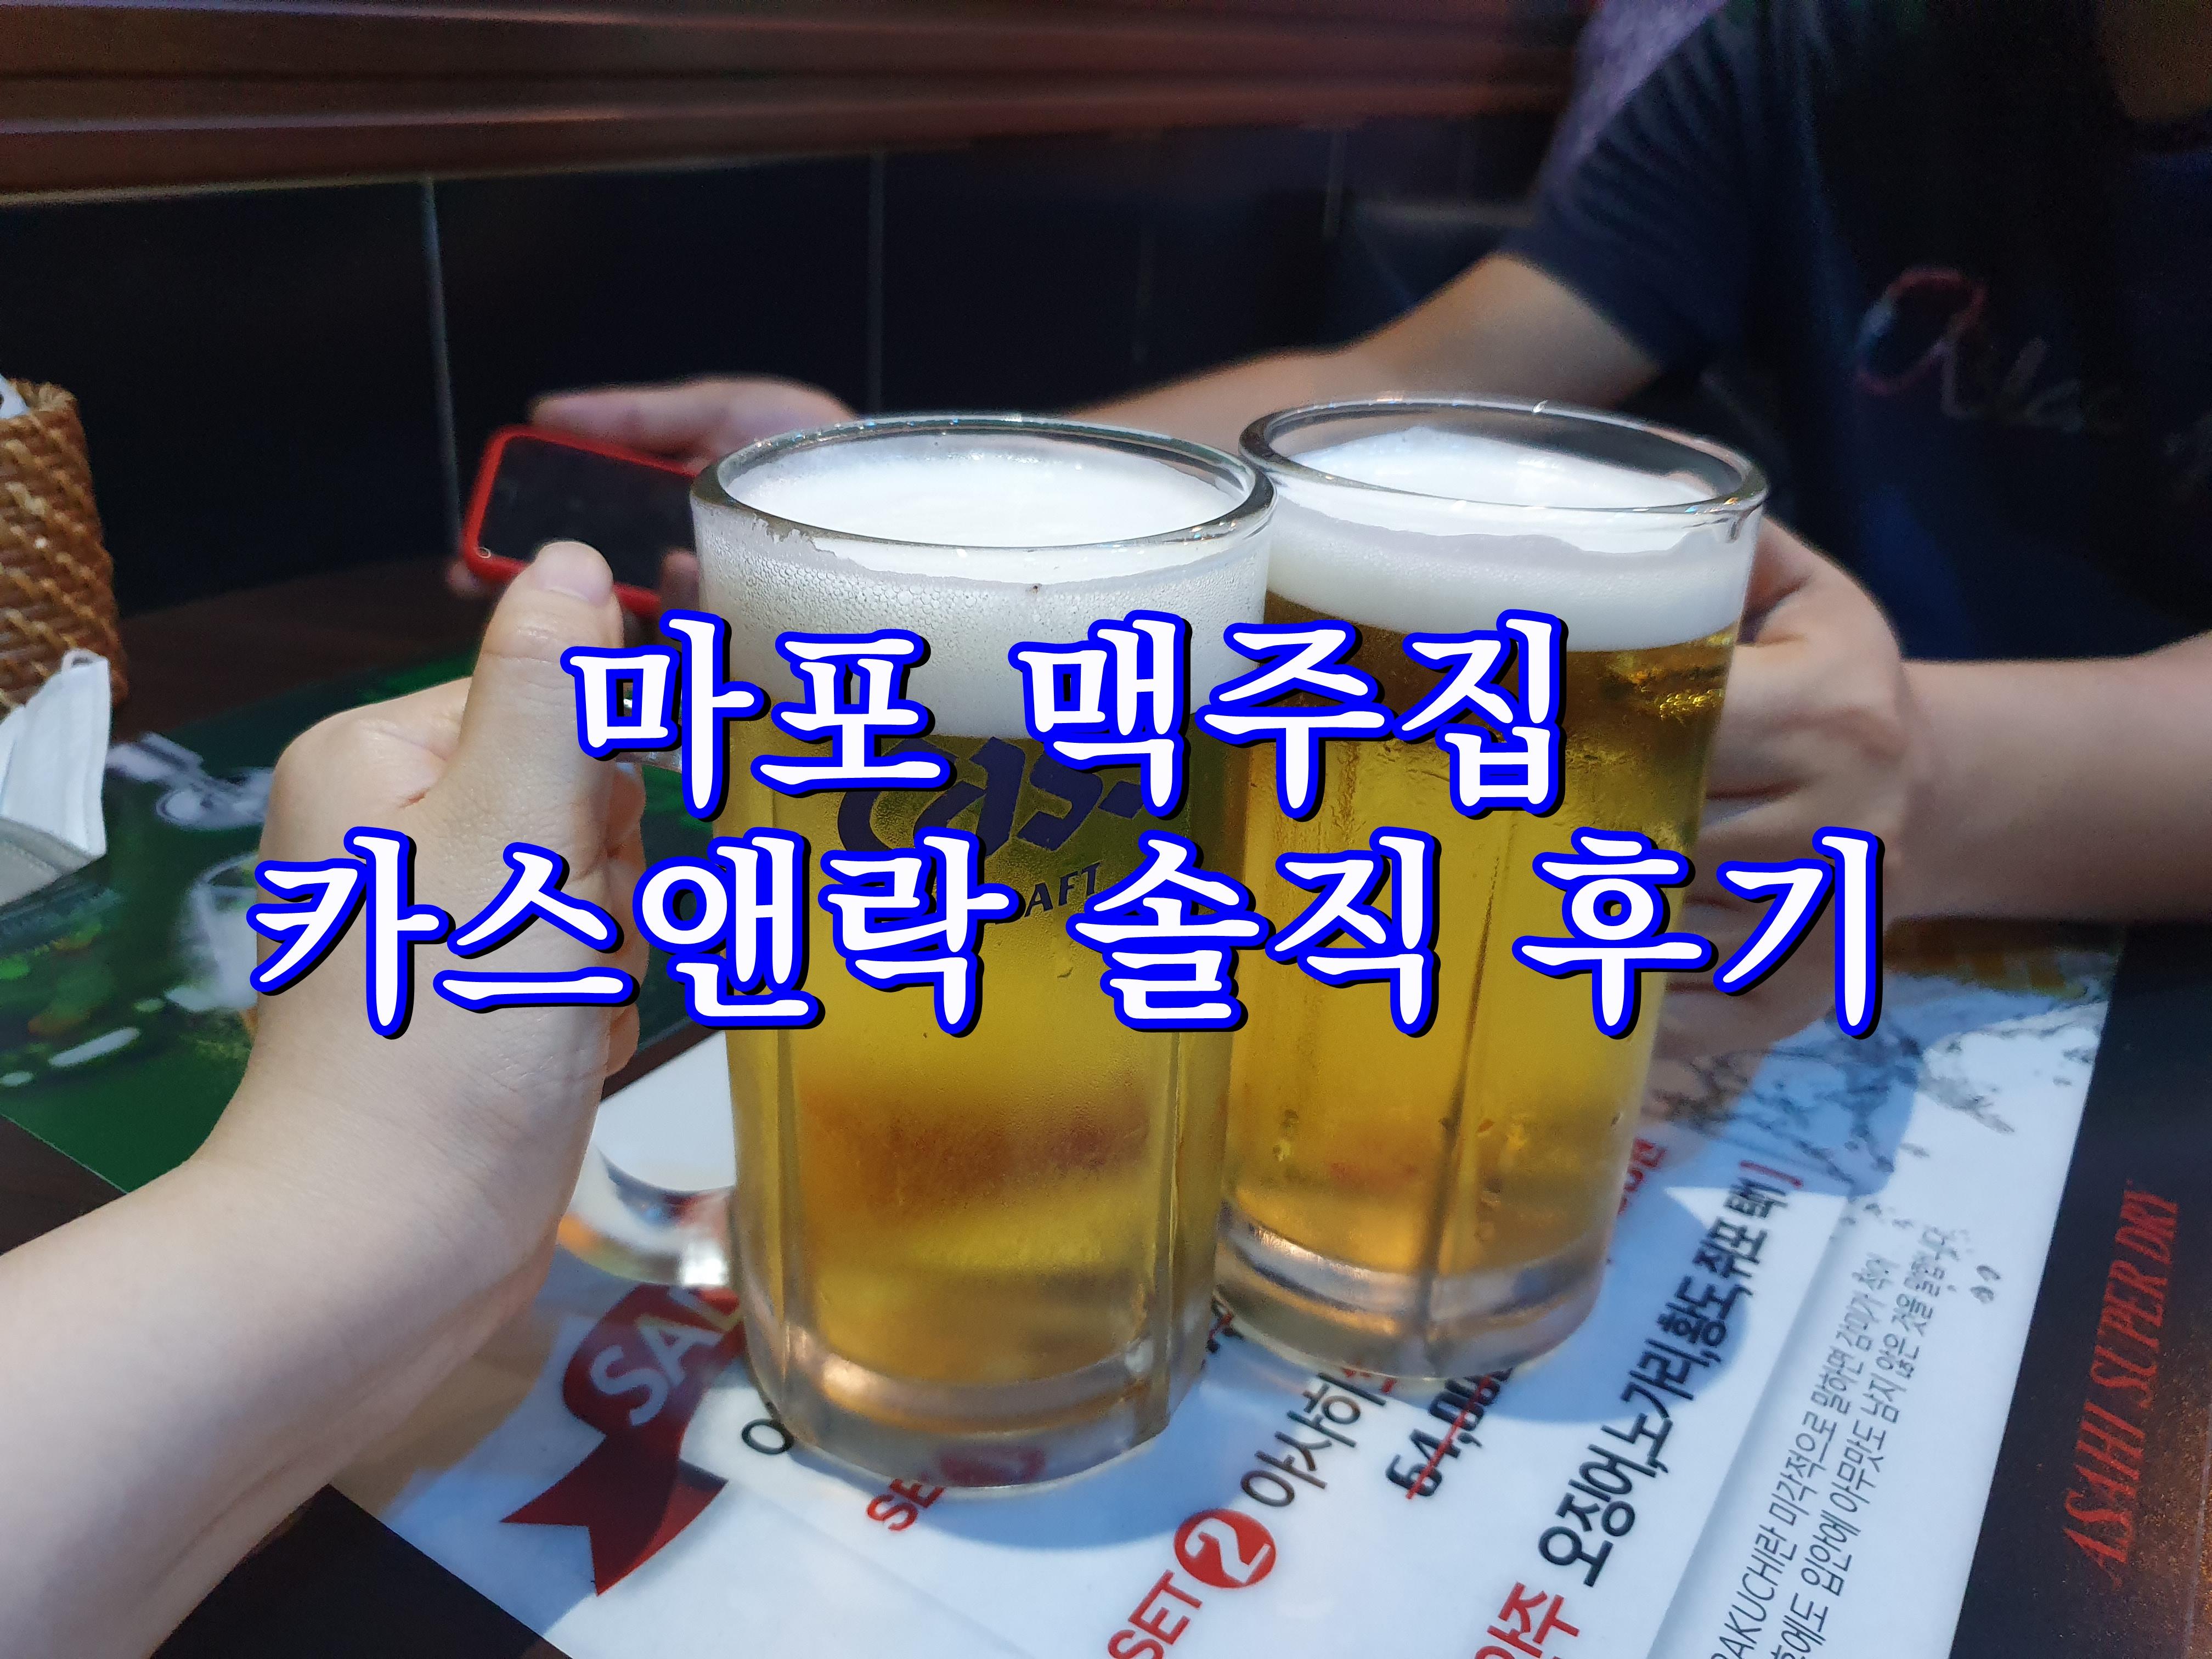 마포 호프집 추천, 카스앤락 솔직후기